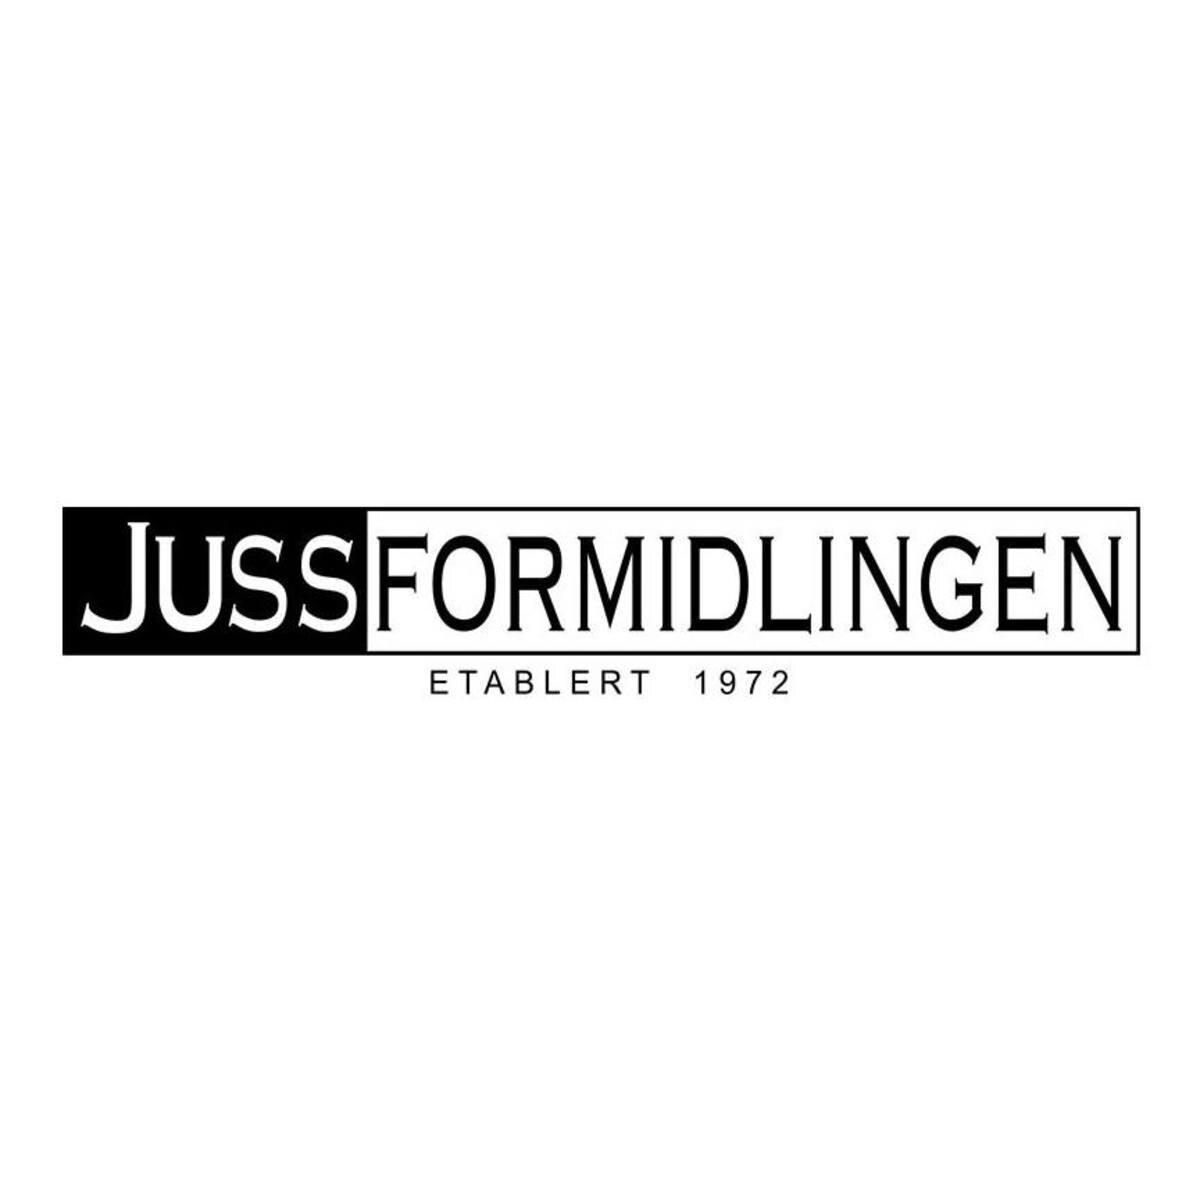 jussformidlingen-logo.jpg